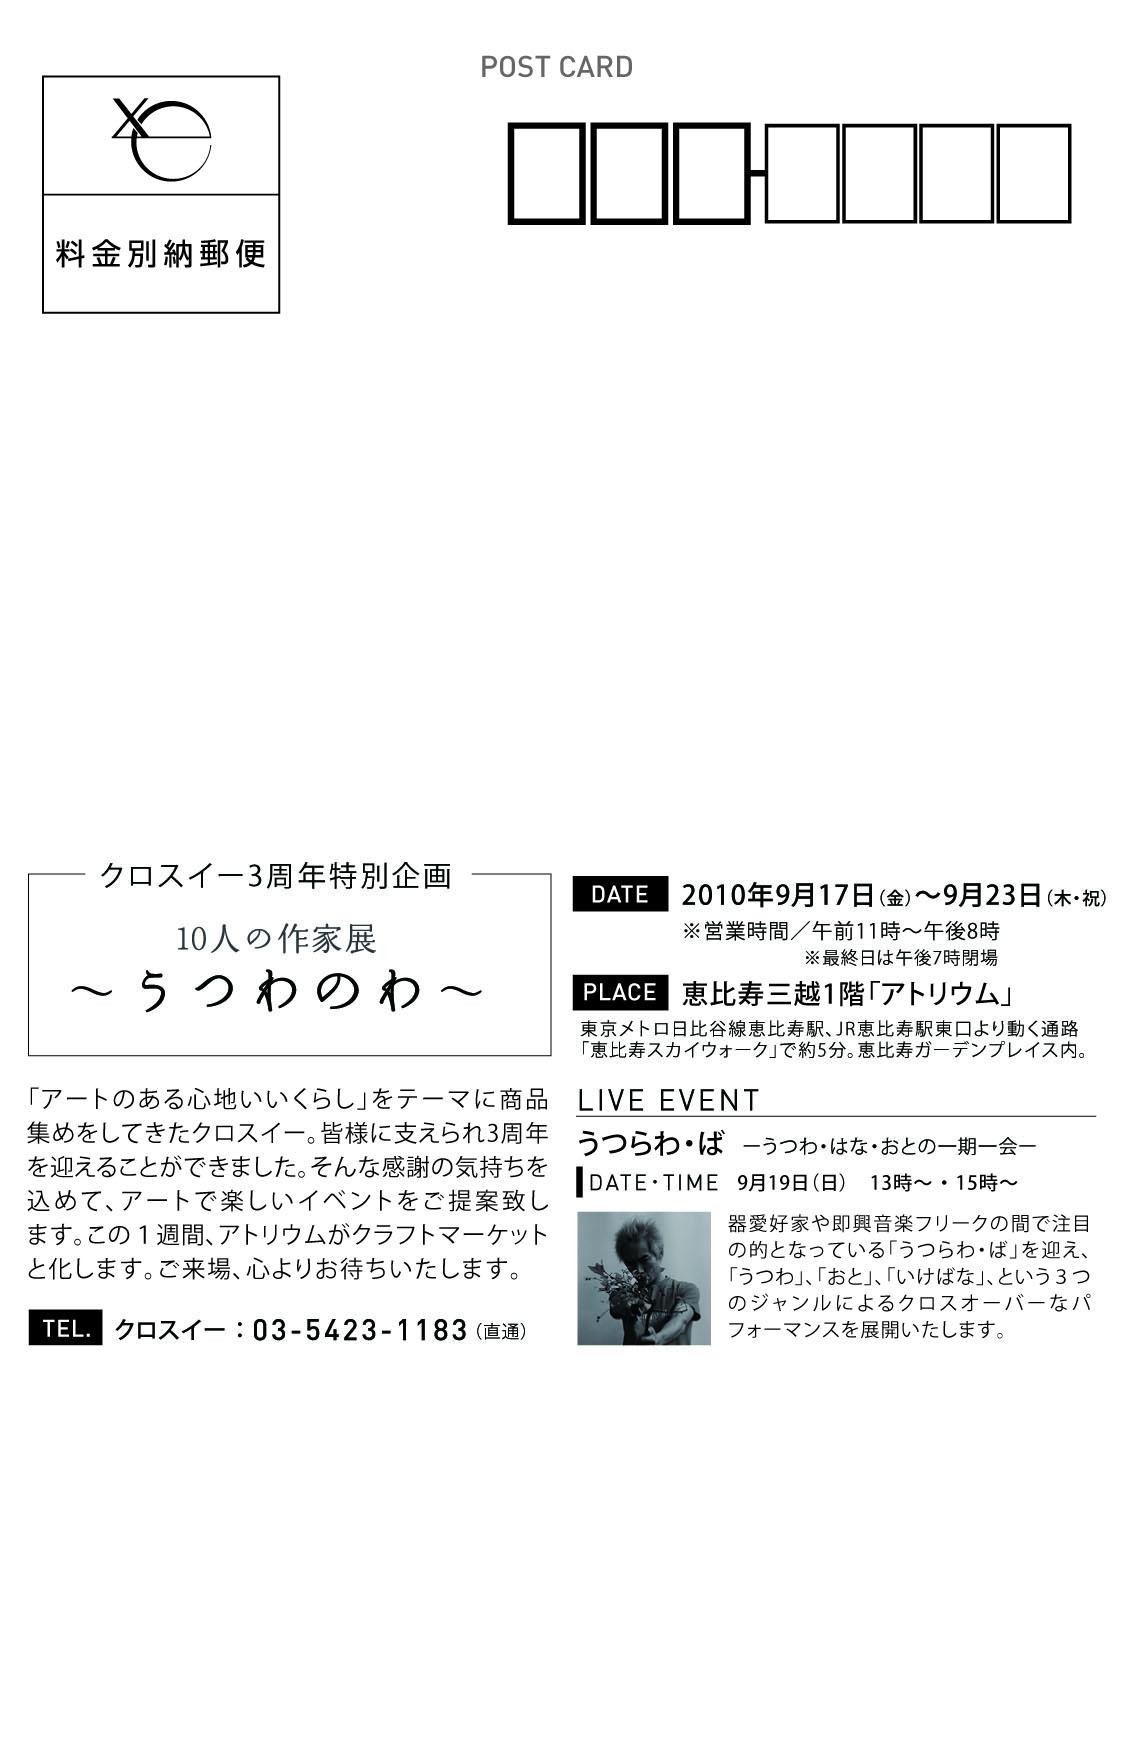 「うつらわ・ば」in「うつわのわ」(恵比寿三越)!_c0178645_22242480.jpg